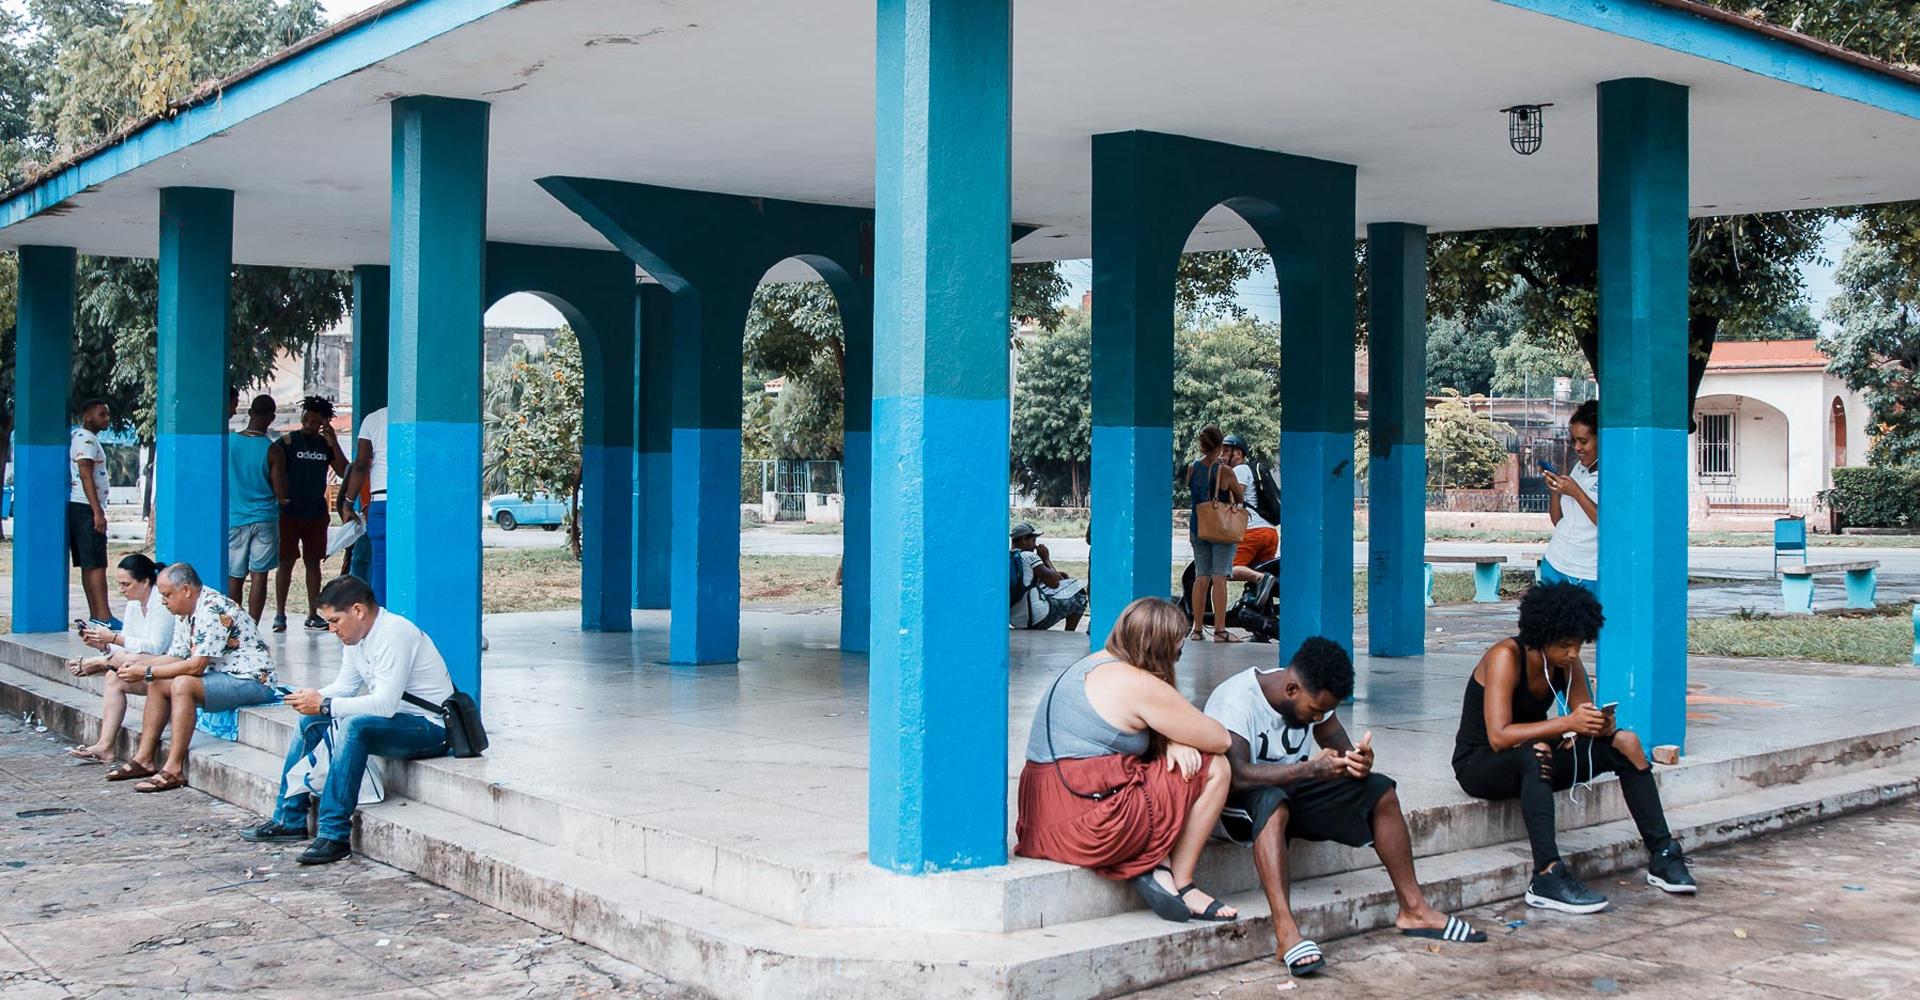 Resolviendo: Cuba's Creative Drive